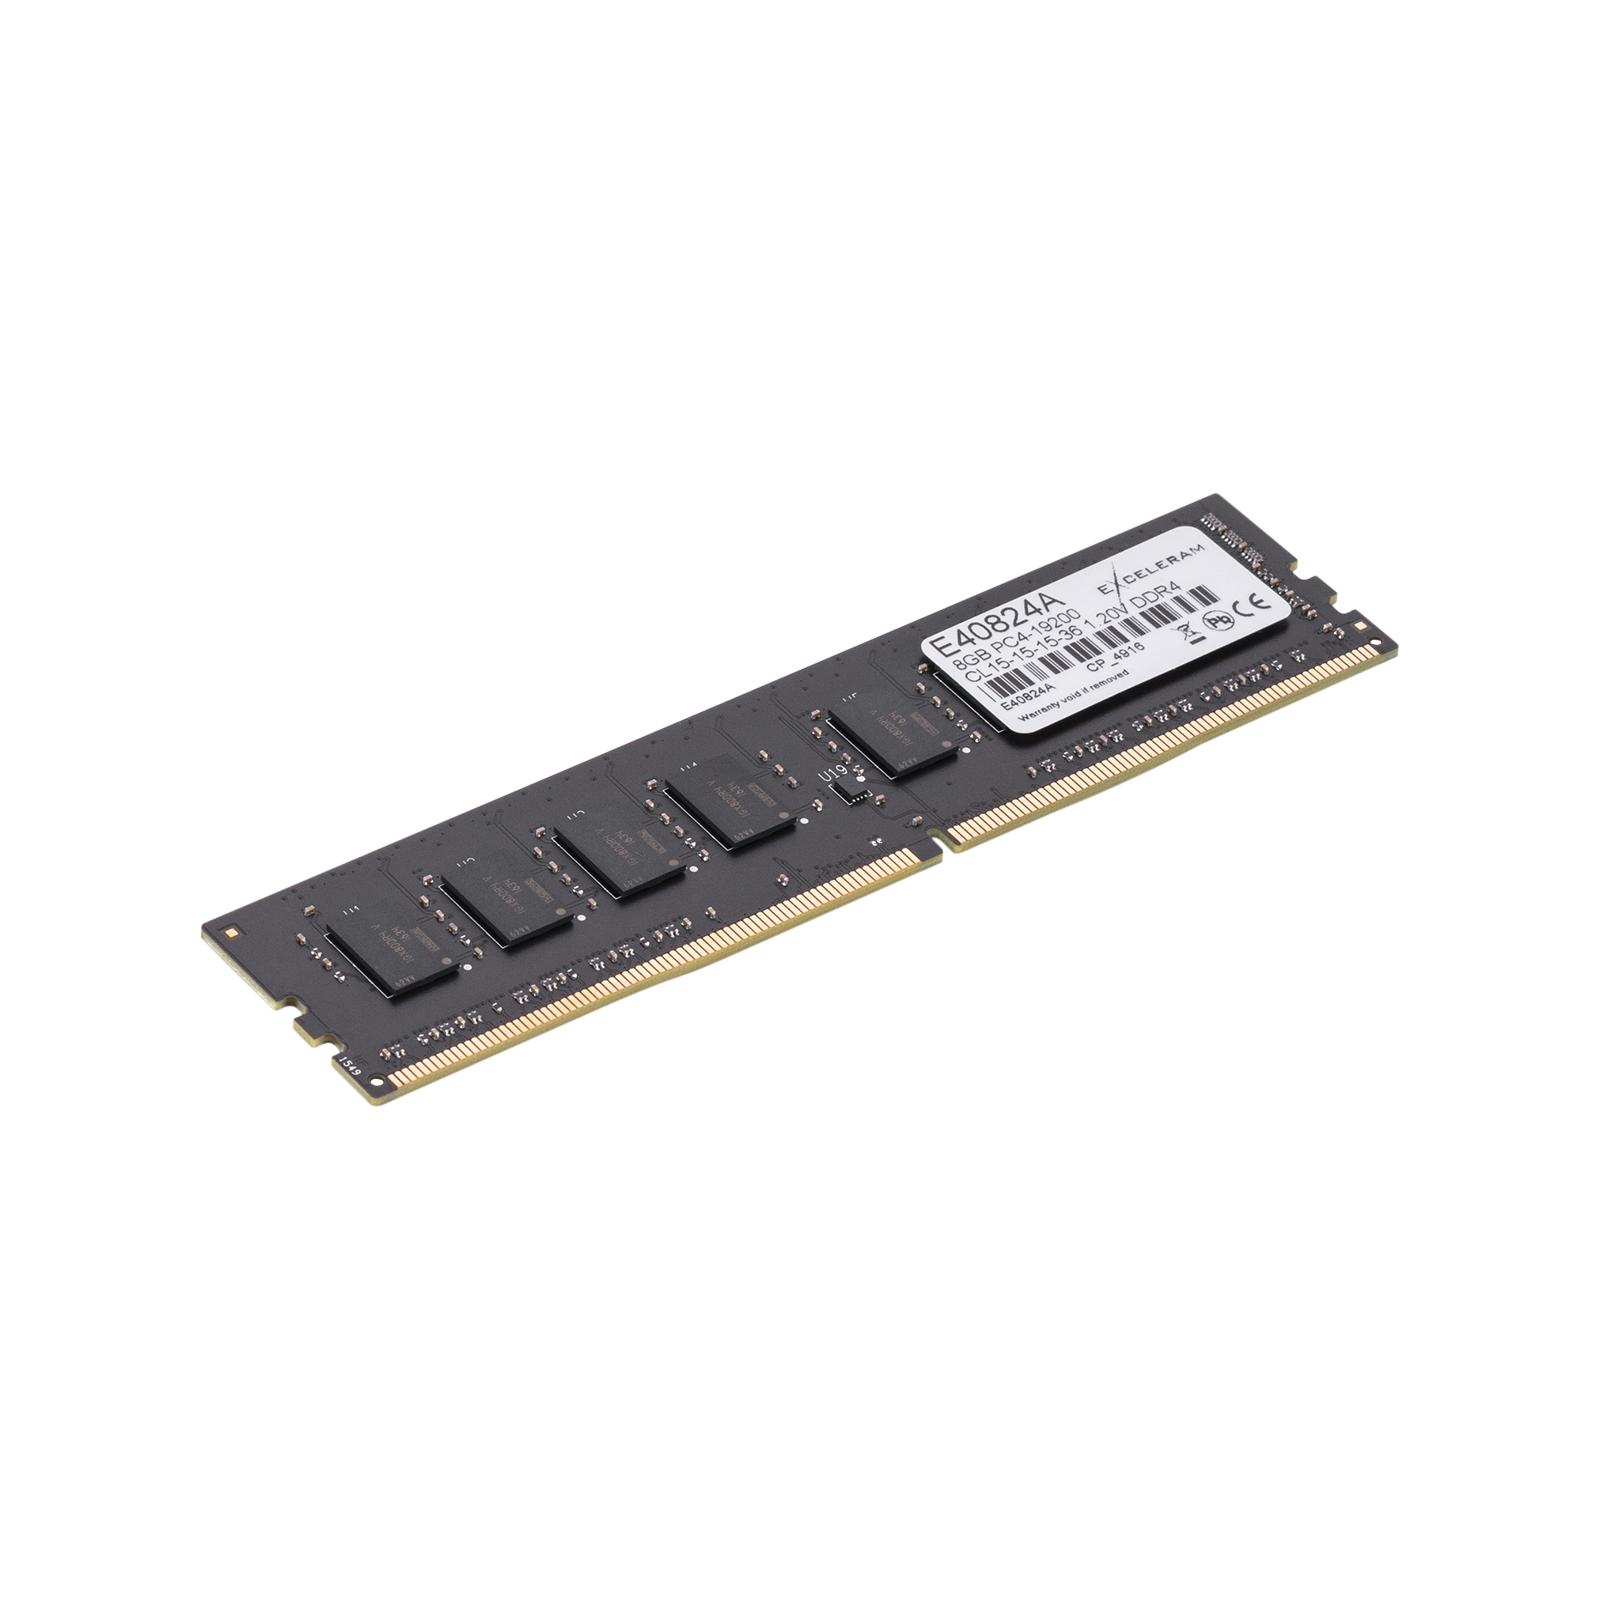 Модуль памяти для компьютера DDR4 8GB 2400 MHz eXceleram (E40824A)